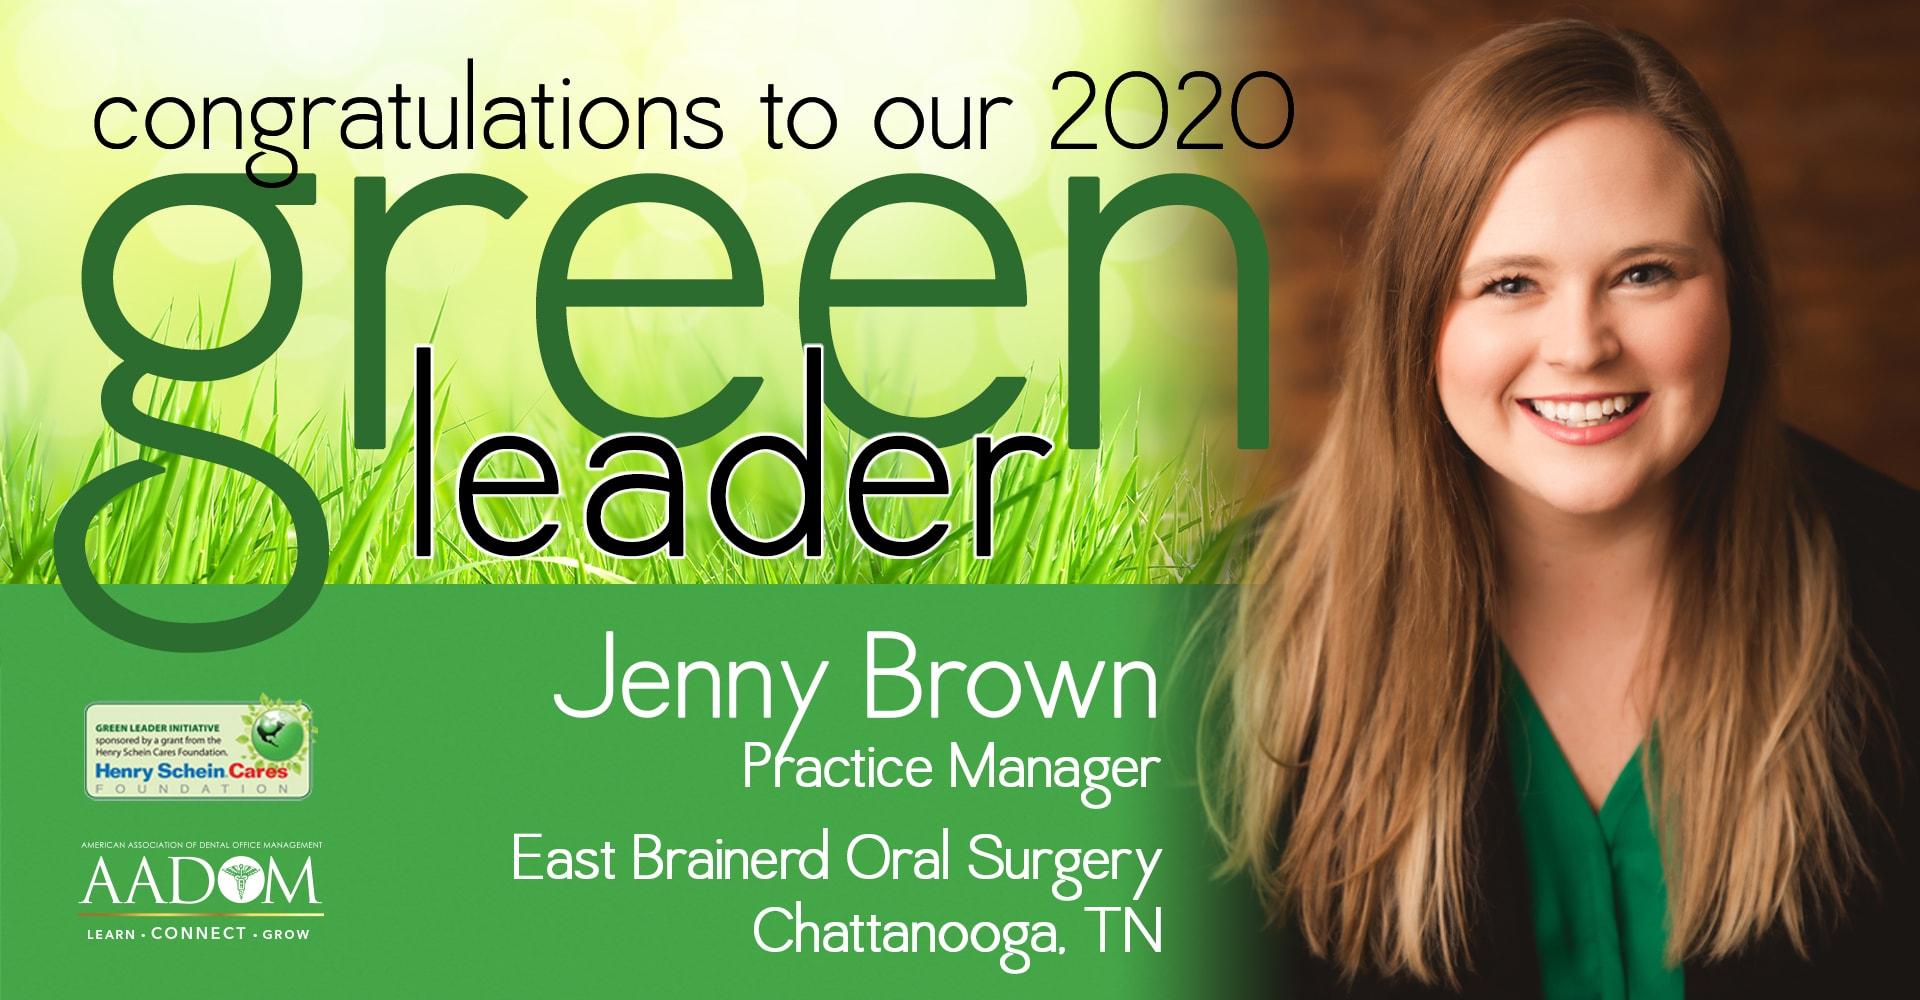 An ad congratulating the 2020 Green Leader winner